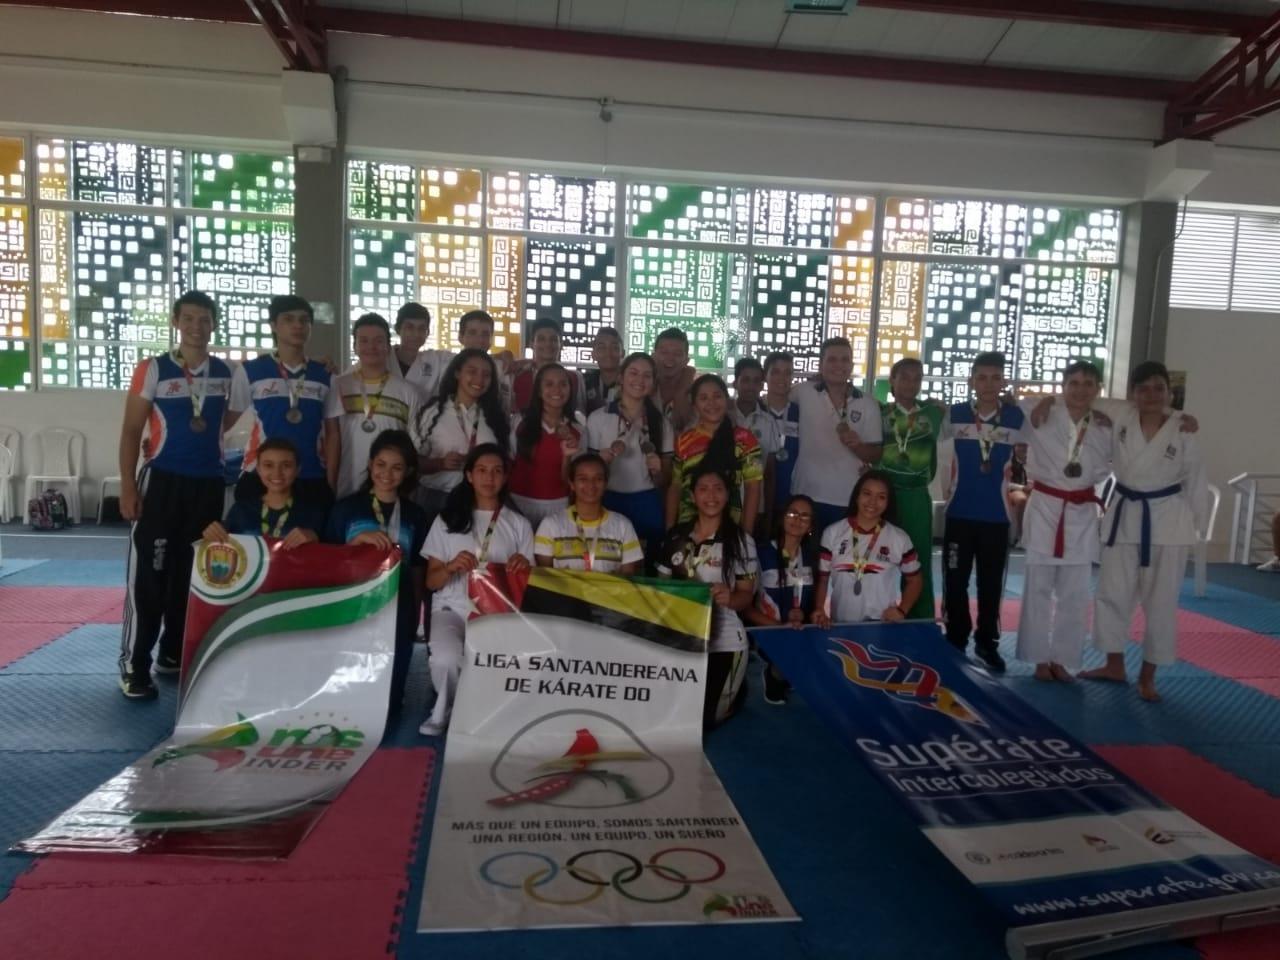 Indersantander fortalece las escuelas de formación deportiva   | Local | Deportes | EL FRENTE